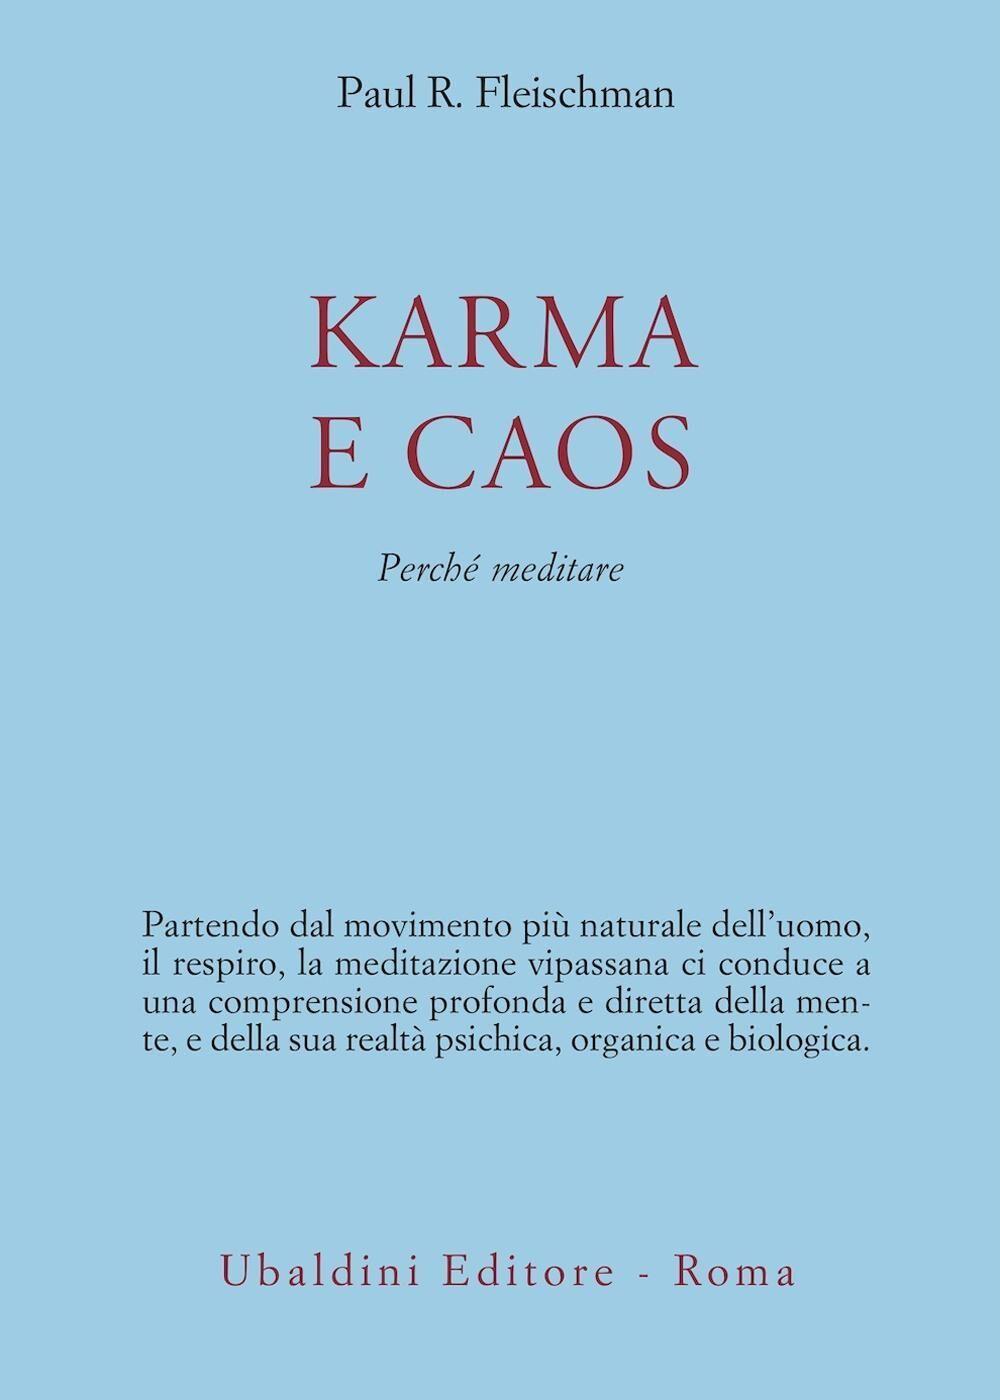 Karma e caos. Perché meditare